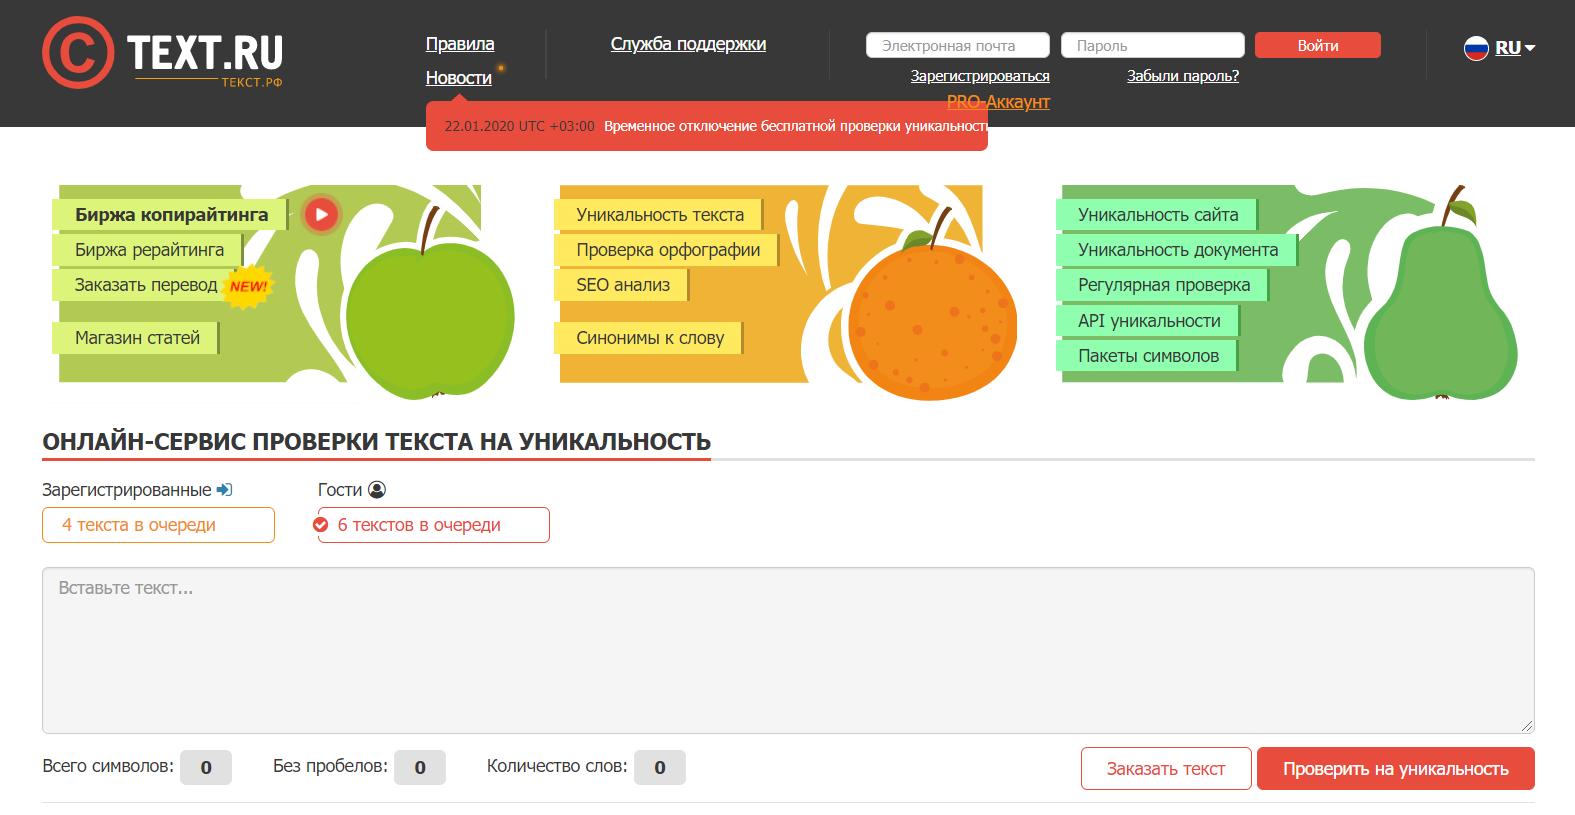 Онлайн-сервис Text.ru